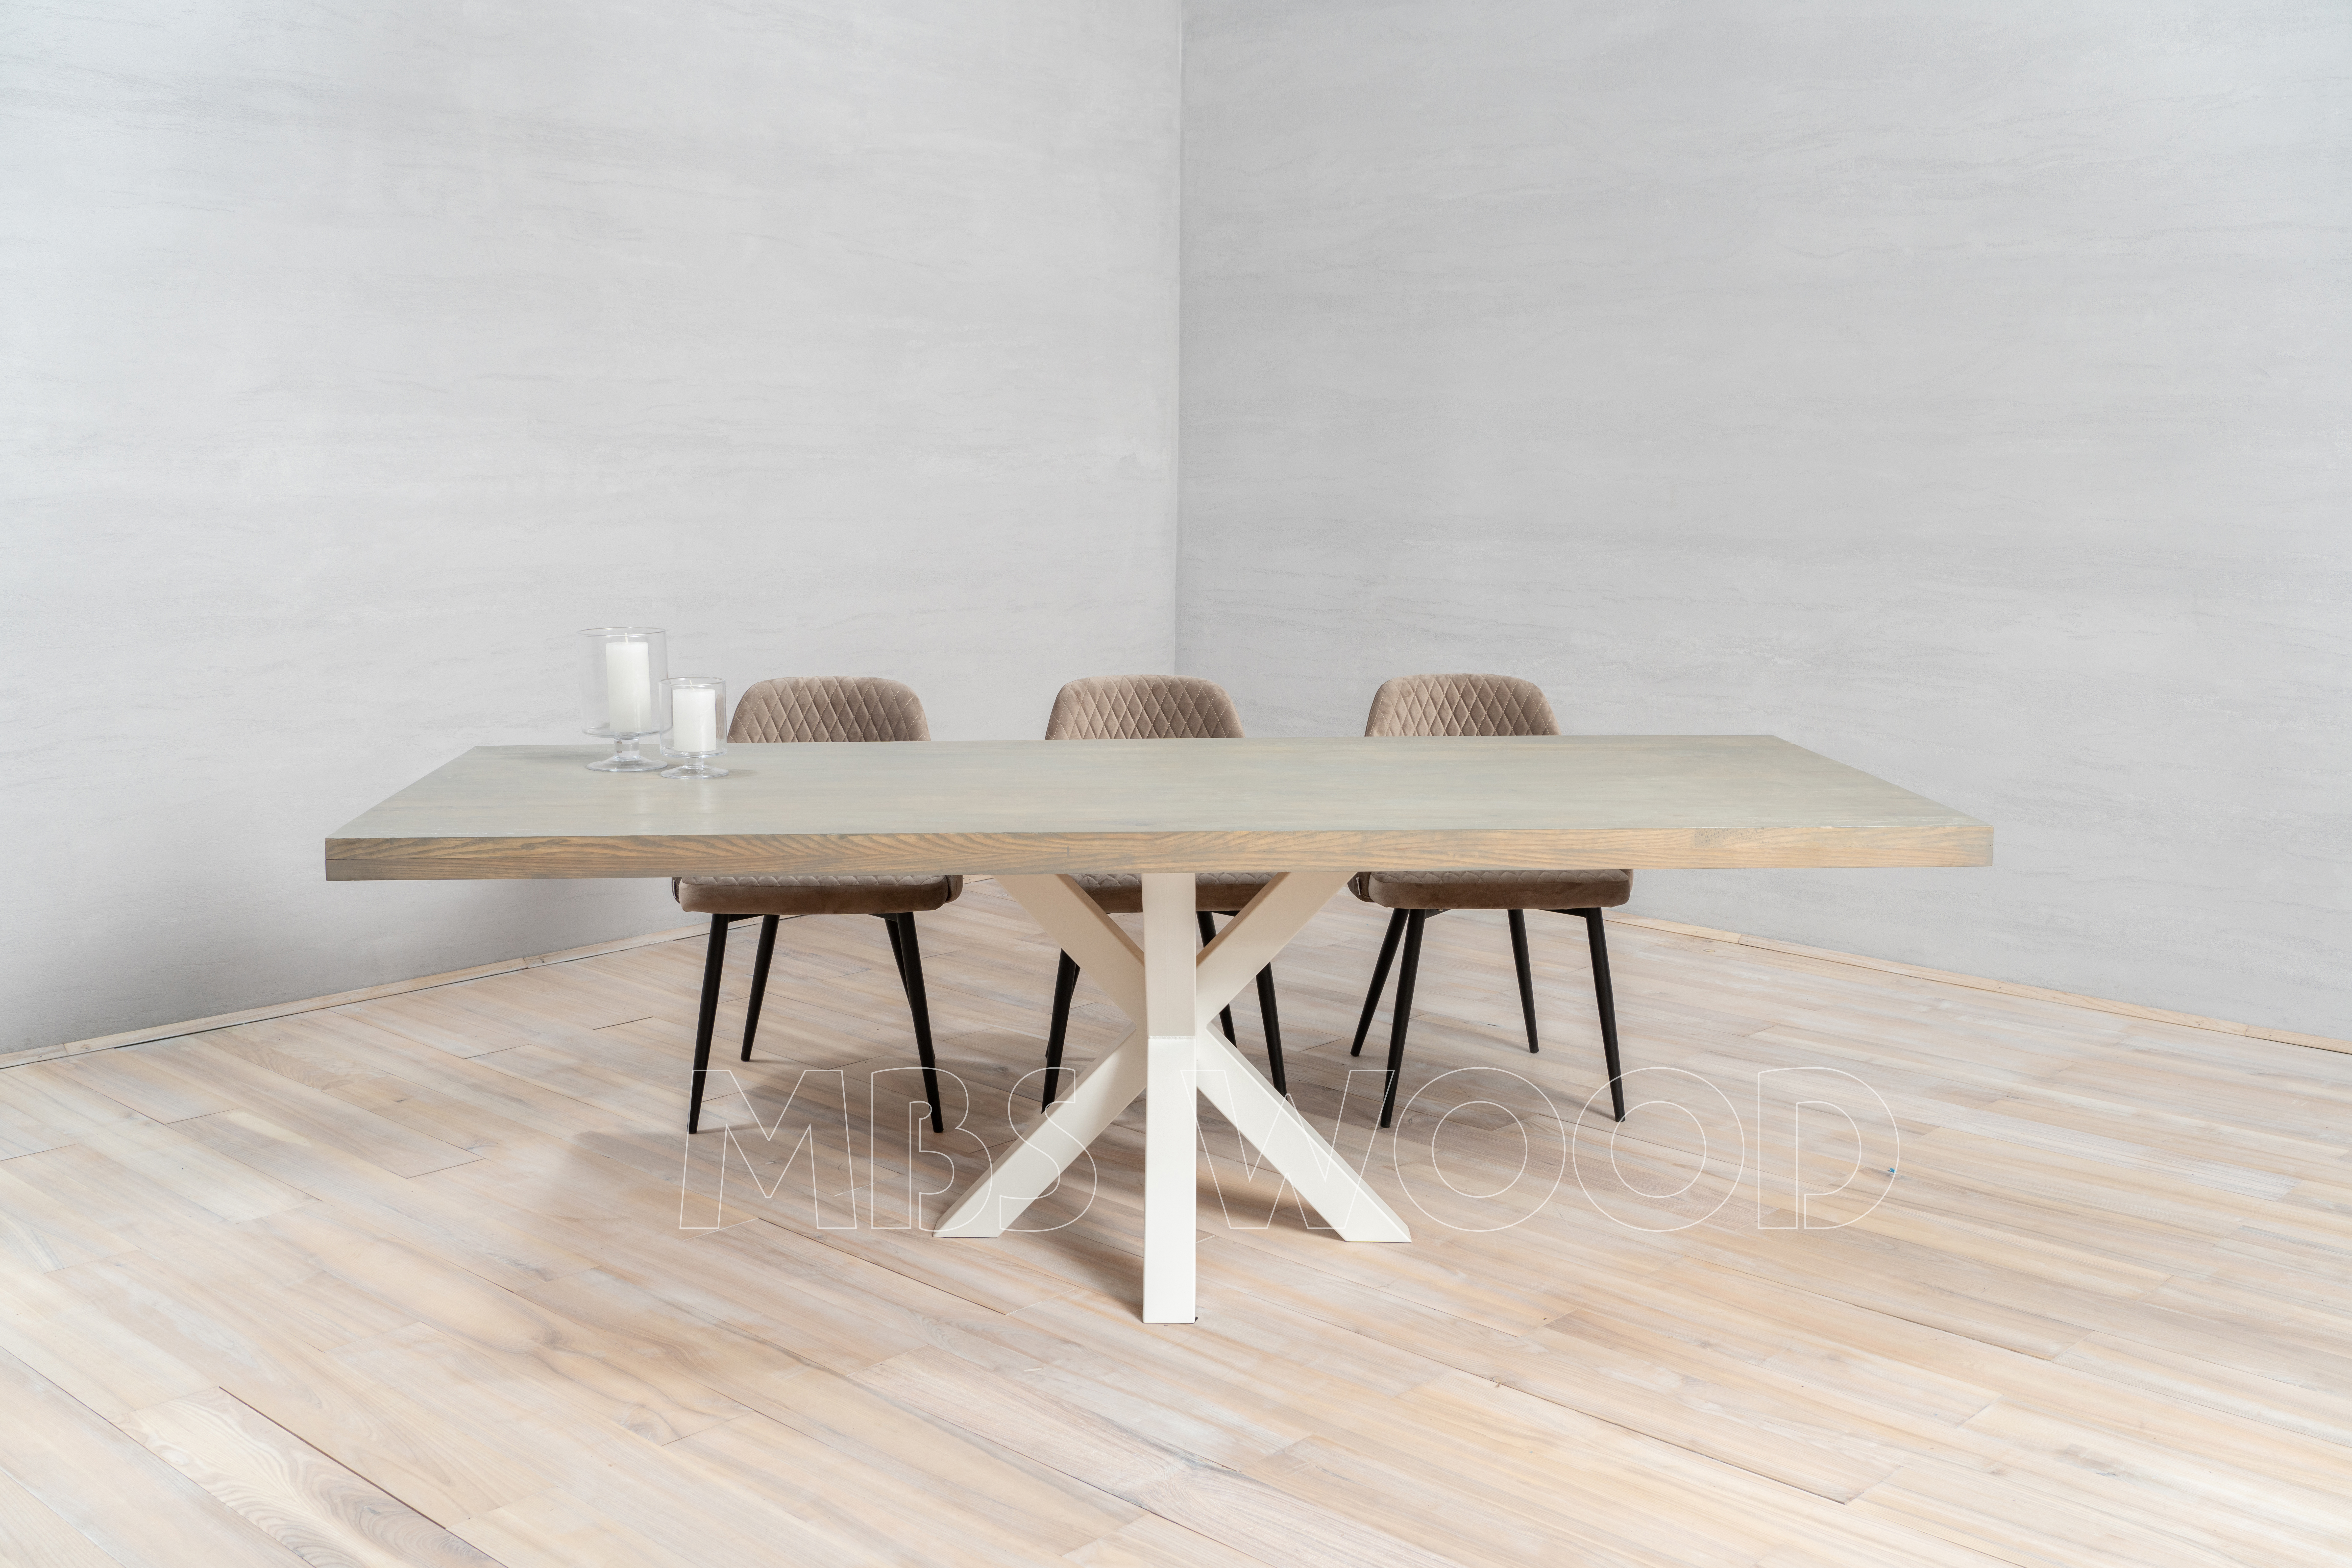 Grote eiken tafel met metalen poten in spinwitte kleur